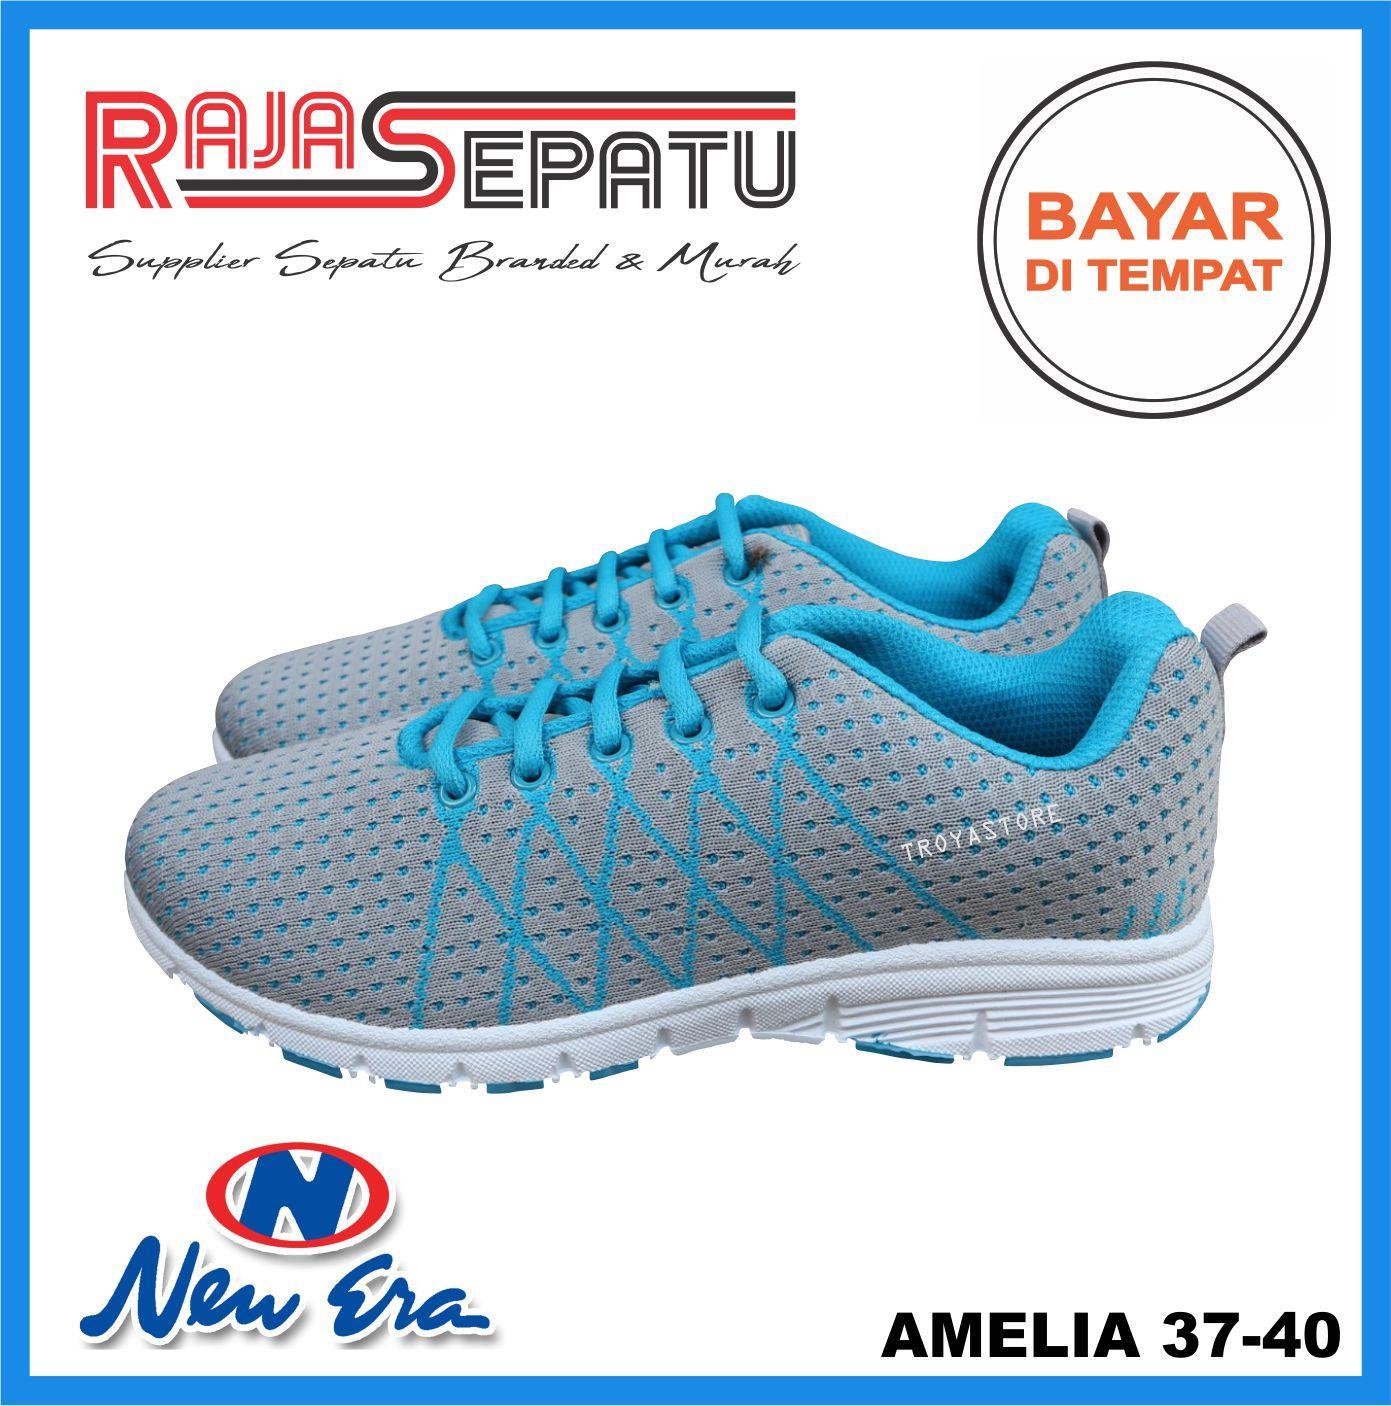 ... Wan Sarung Pria Trendi Motif 3 Silky . Source · RAJASEPATU - NEW ERA Sepatu Wanita Murah AMELIA Original / Sepatu Sporty Wanita Abu Biru /